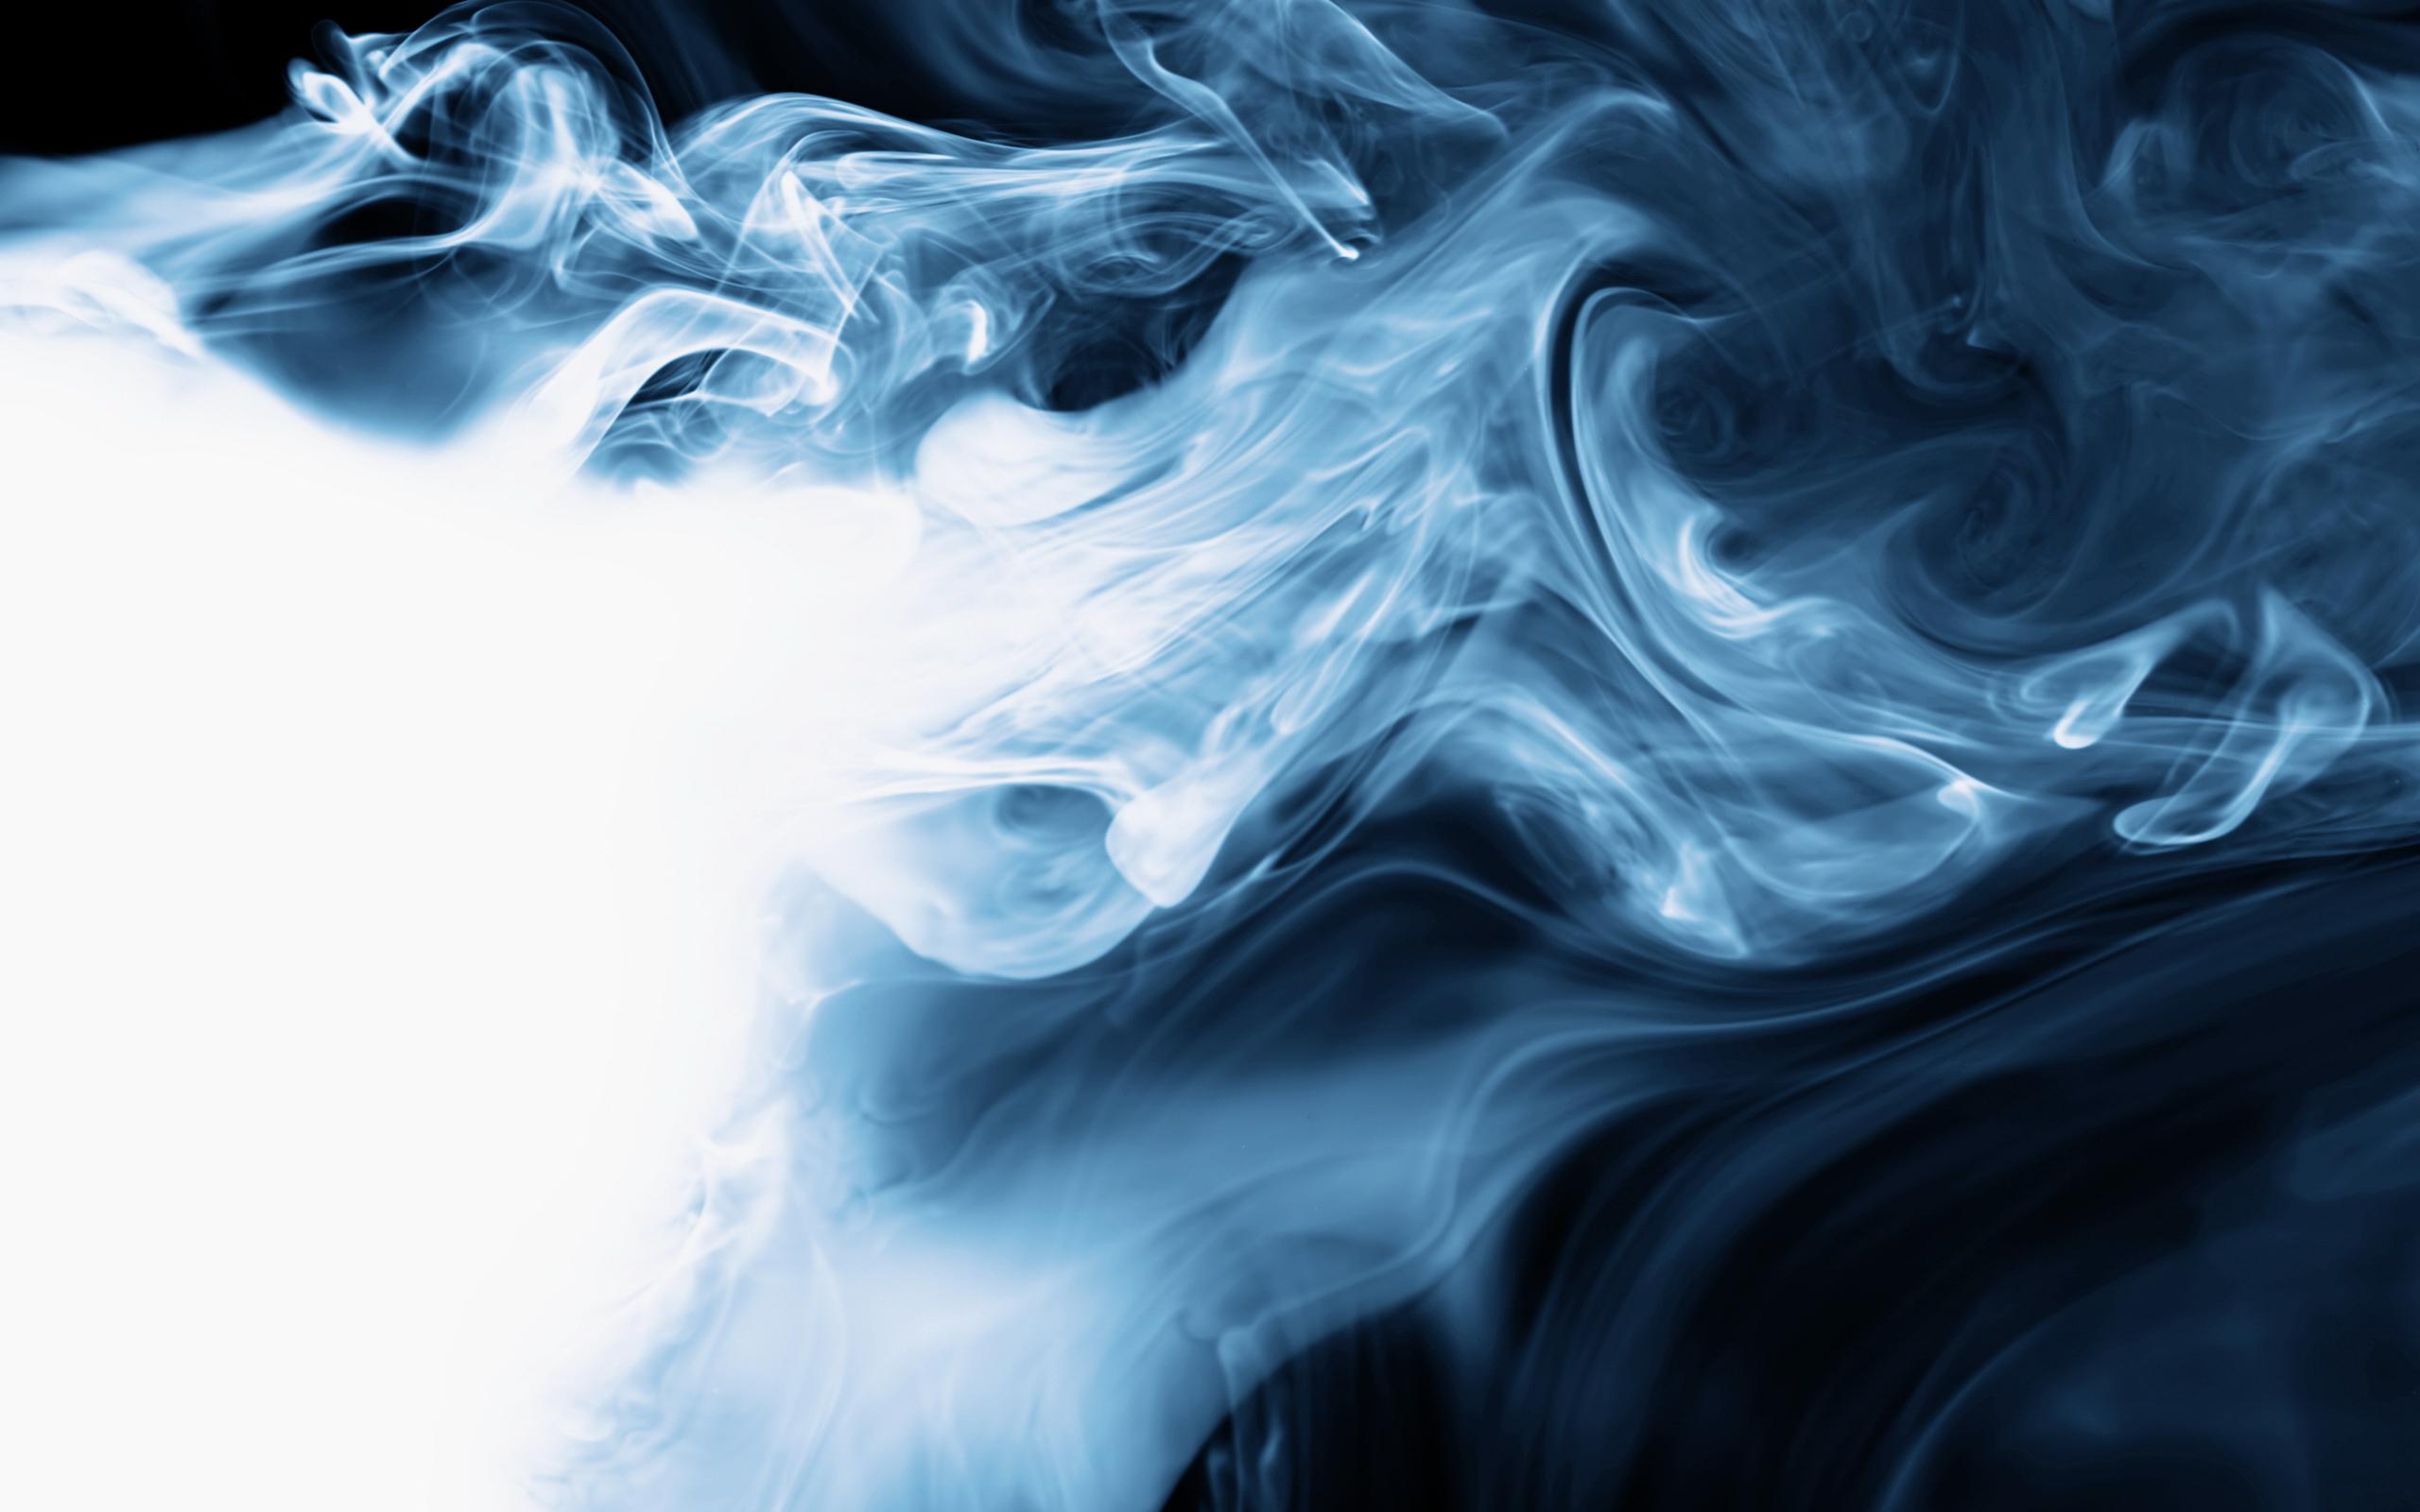 Smoke Wallpaper 27443 2560x1600 px HDWallSourcecom